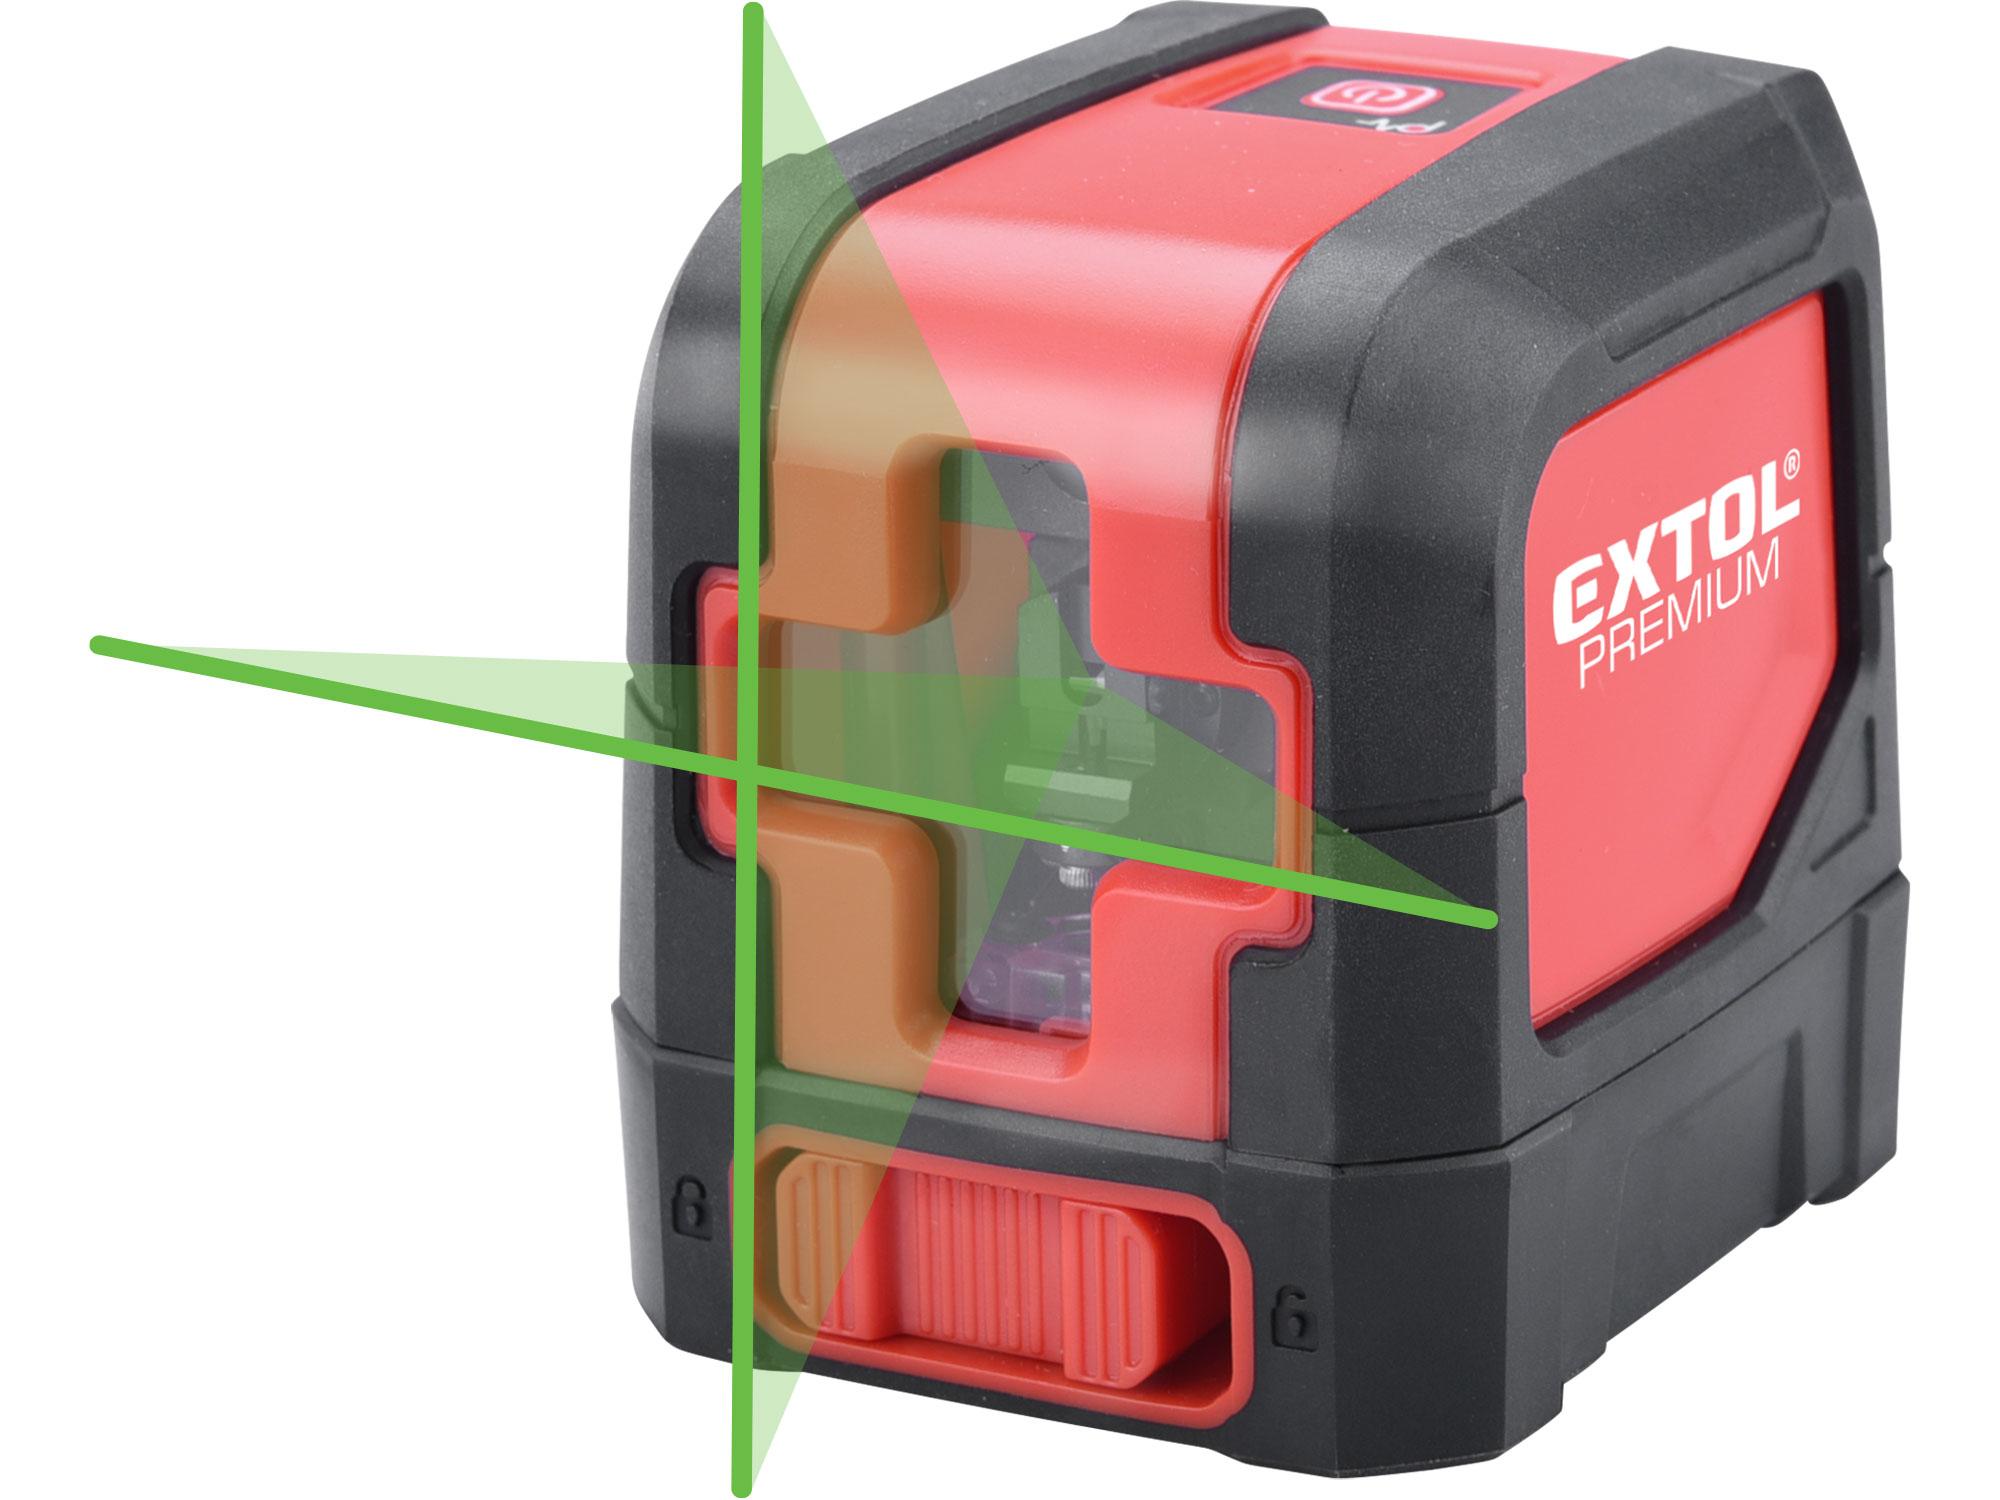 Cross Laser Level, 1H1V, GREEN 10mW beam